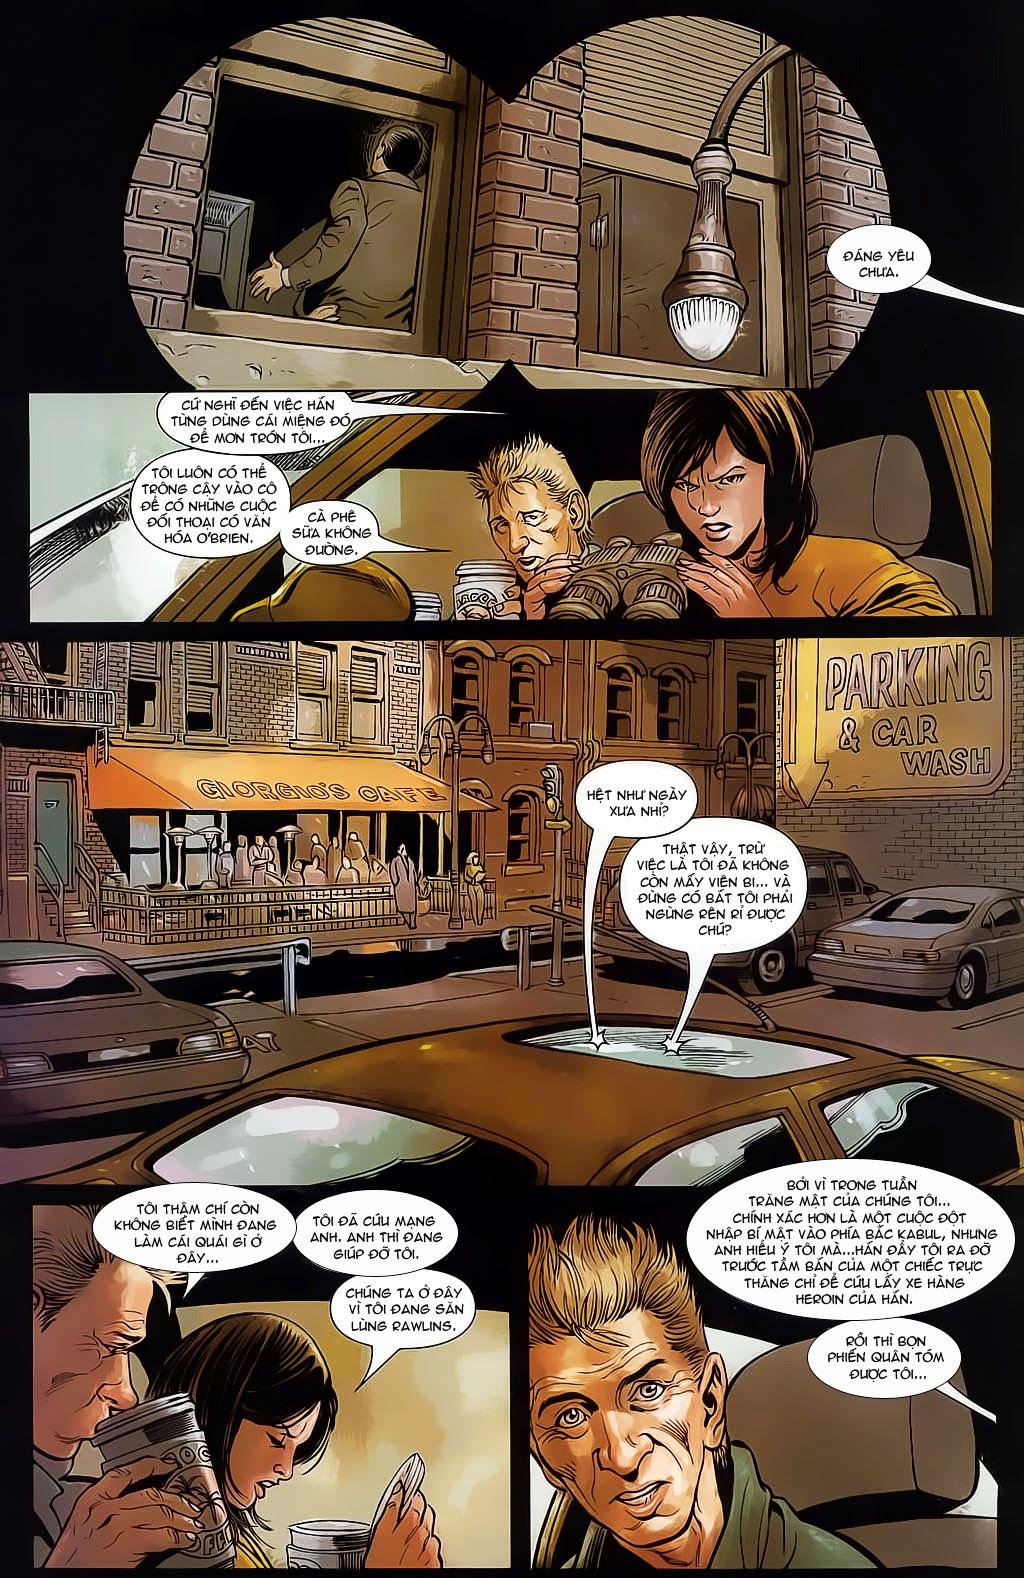 The Punisher: Trên là Dưới & Trắng là Đen chap 4 - Trang 11